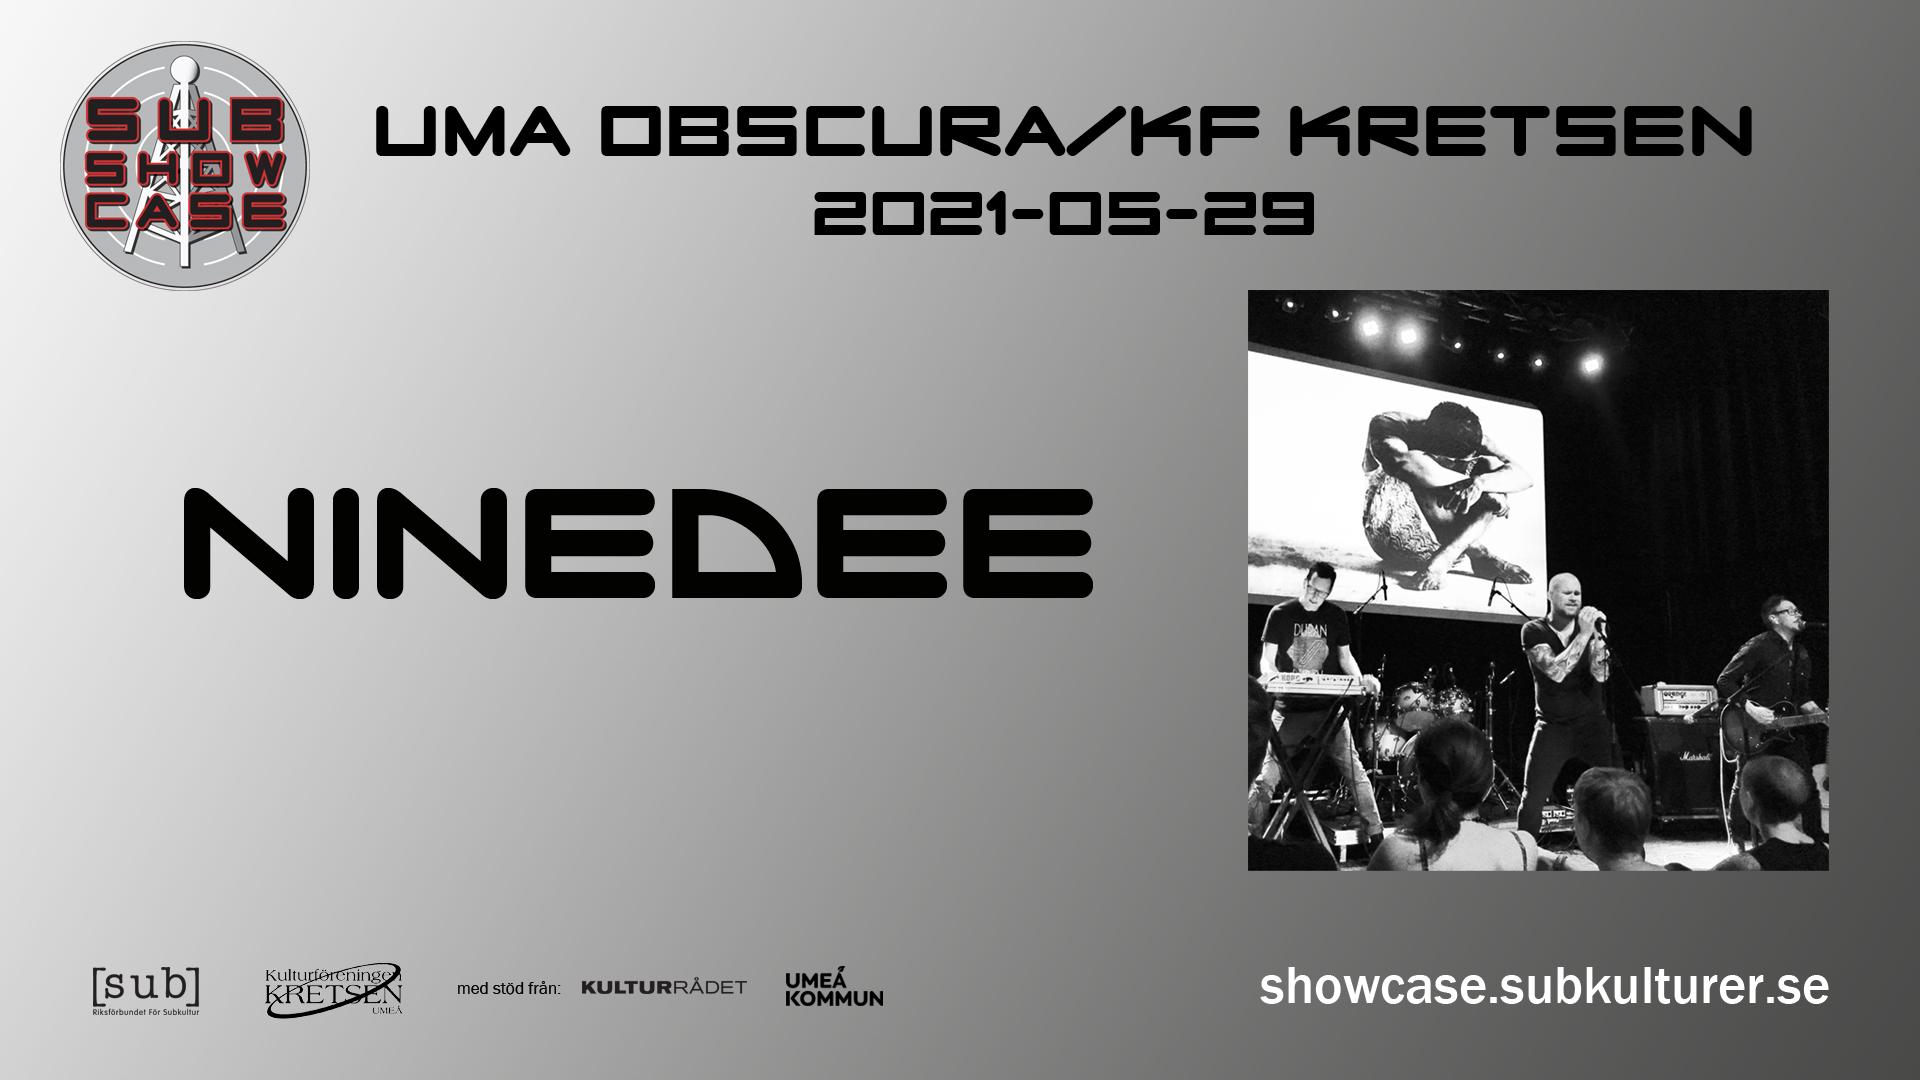 2021-05-29 Live från KF Kretsen